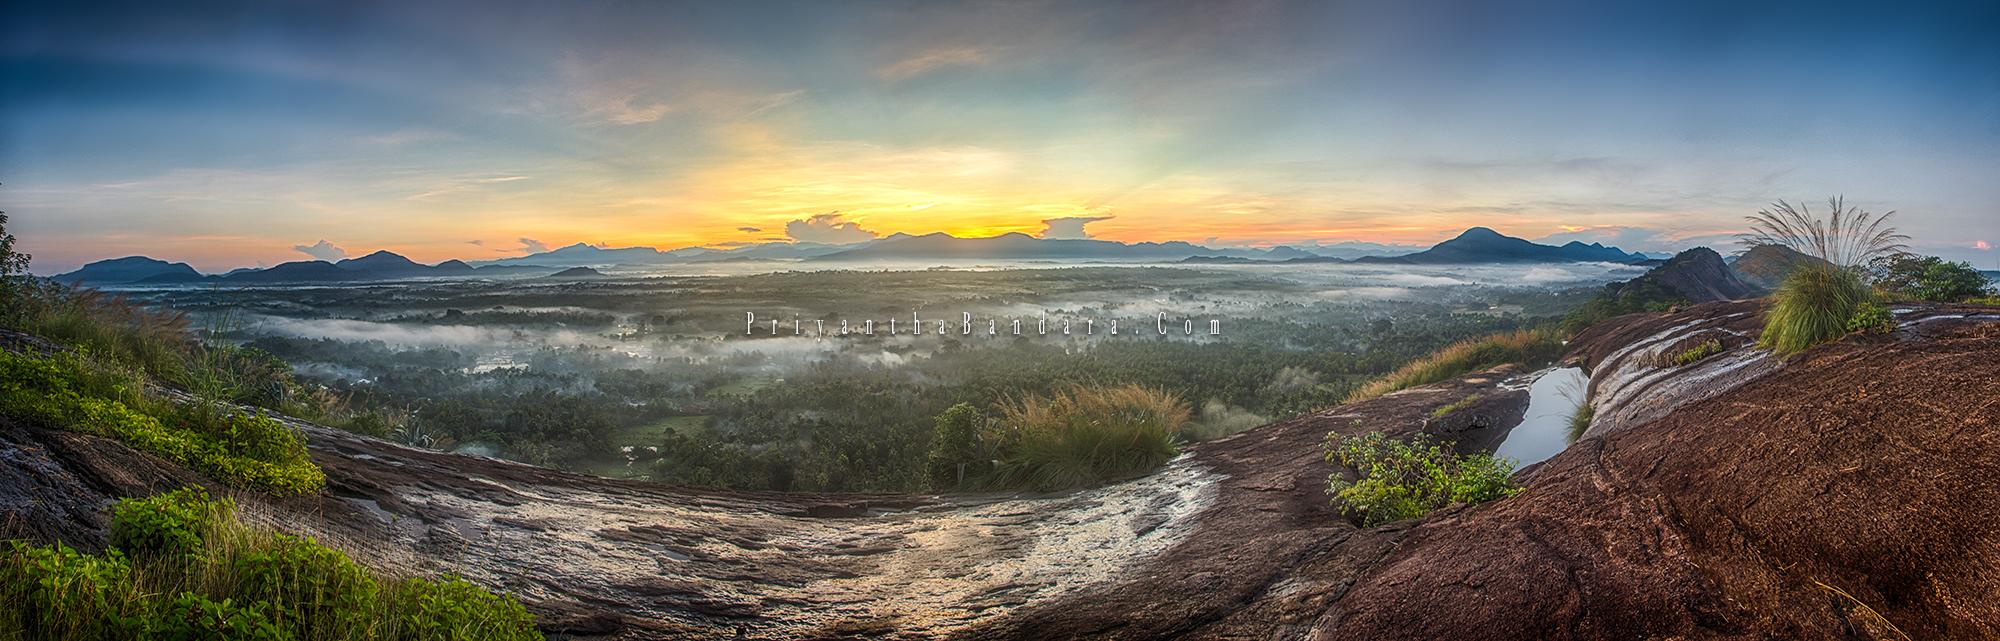 Maraluwawa Panorama